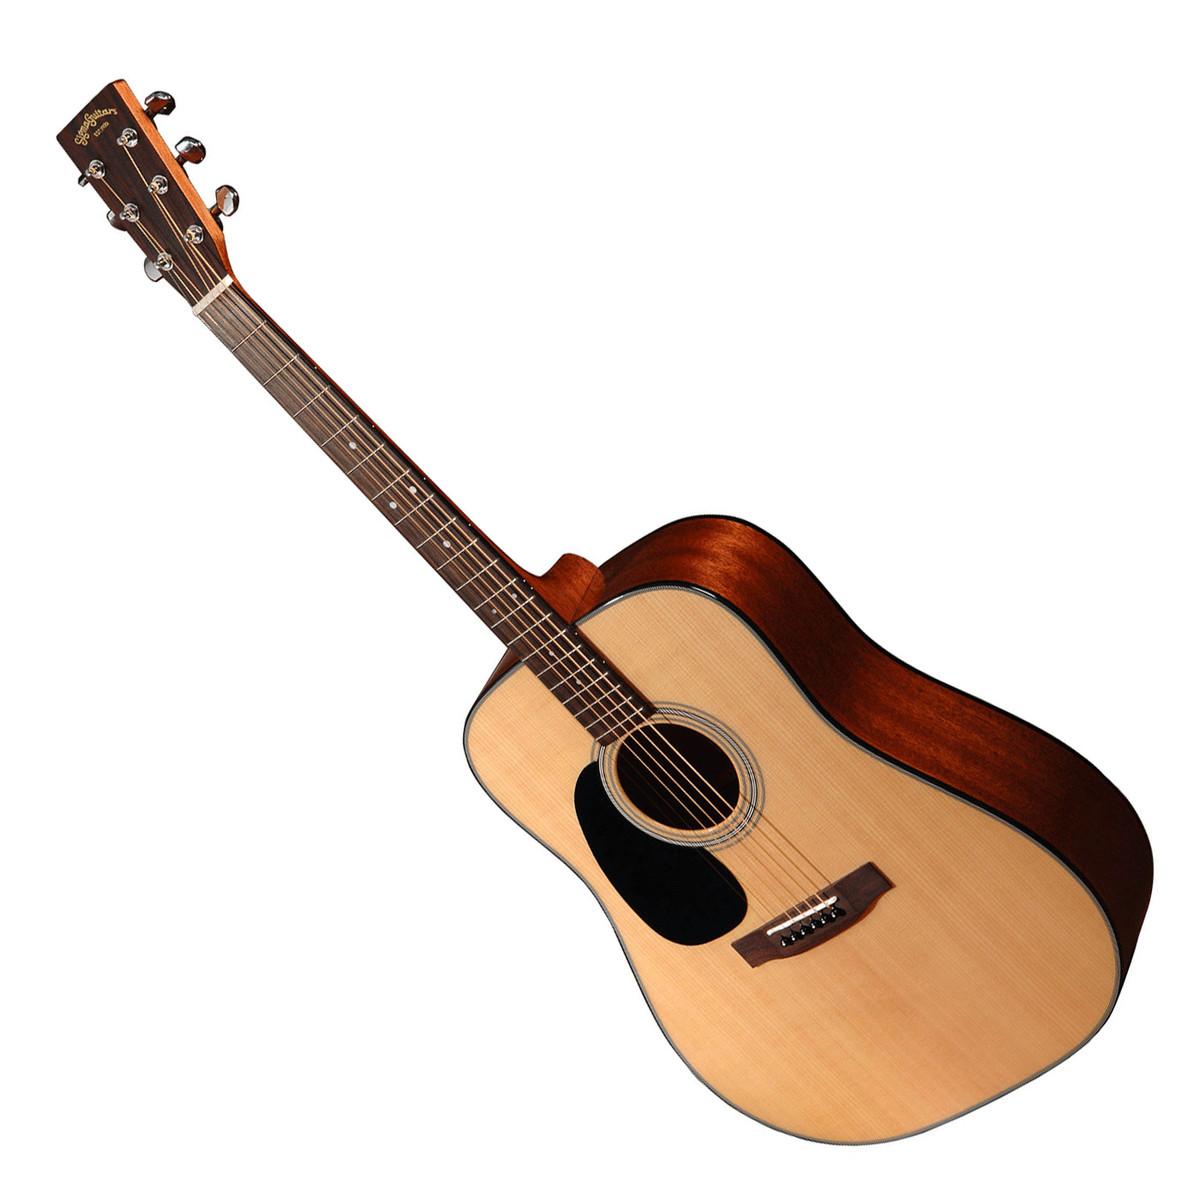 sigma dm 1stl left handed acoustic guitar natural at gear4music. Black Bedroom Furniture Sets. Home Design Ideas